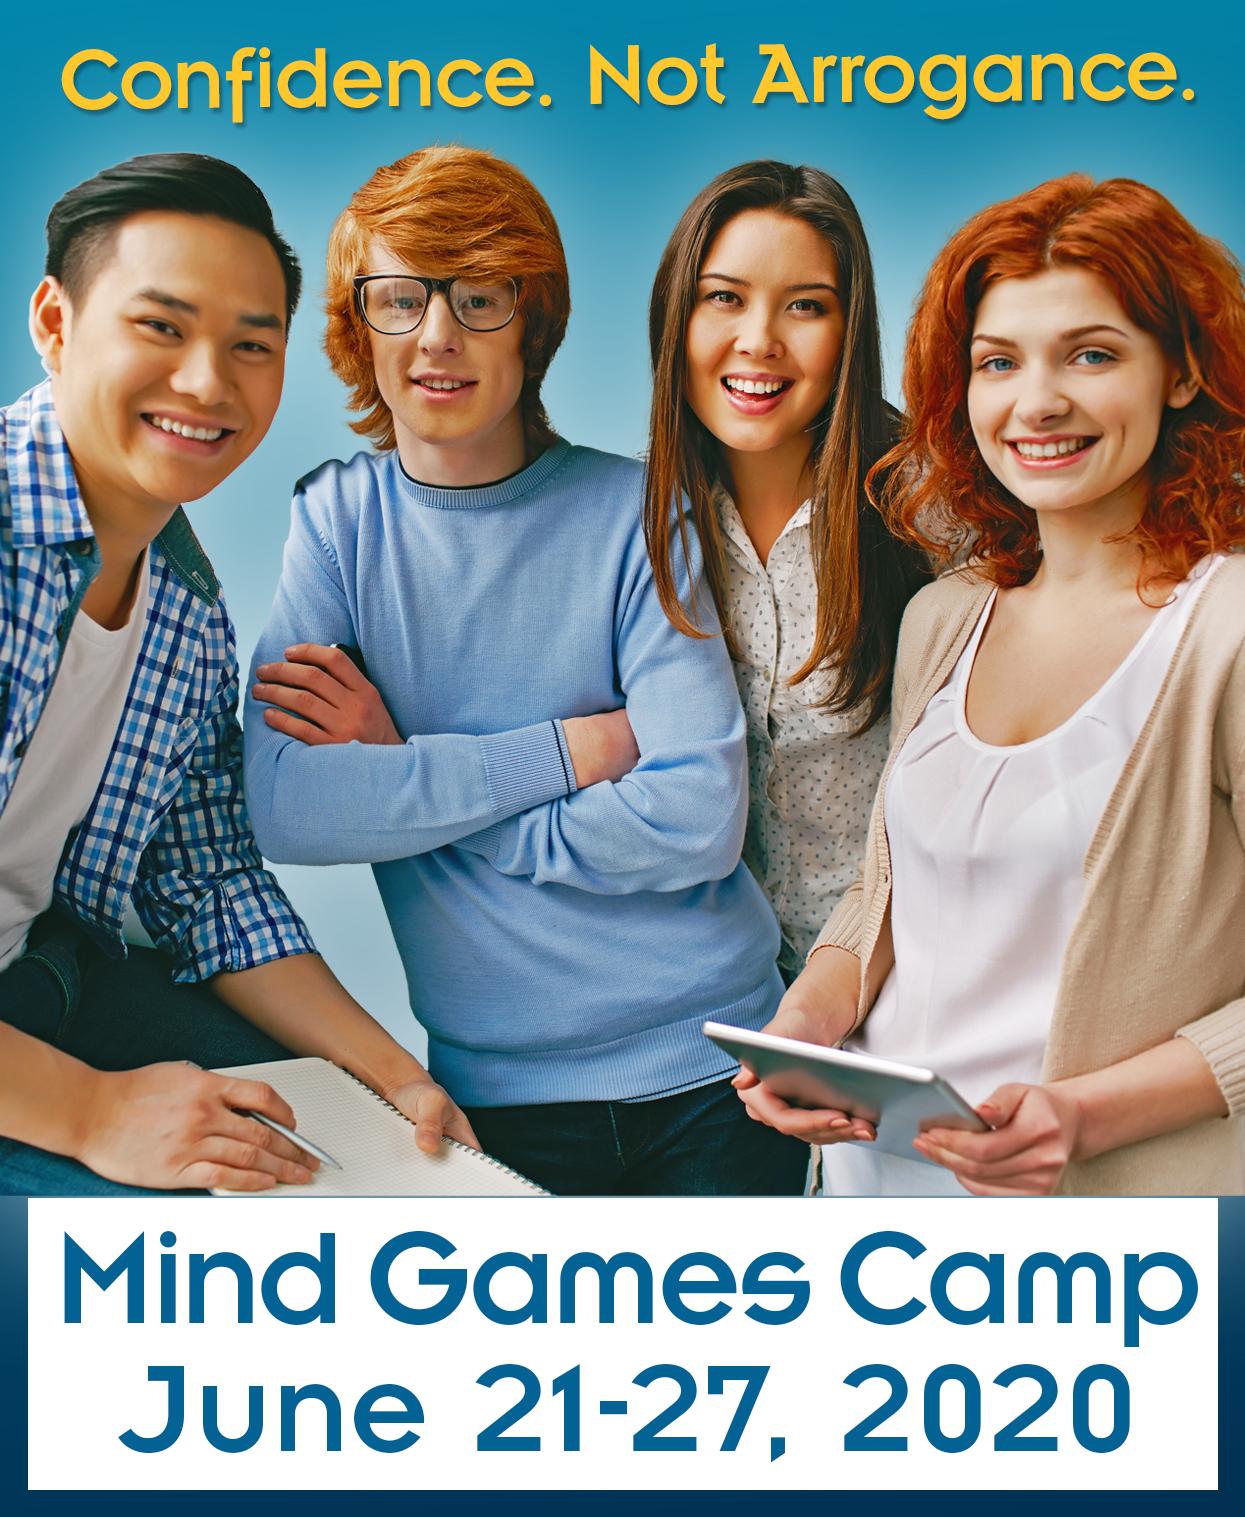 mind games camp 2020